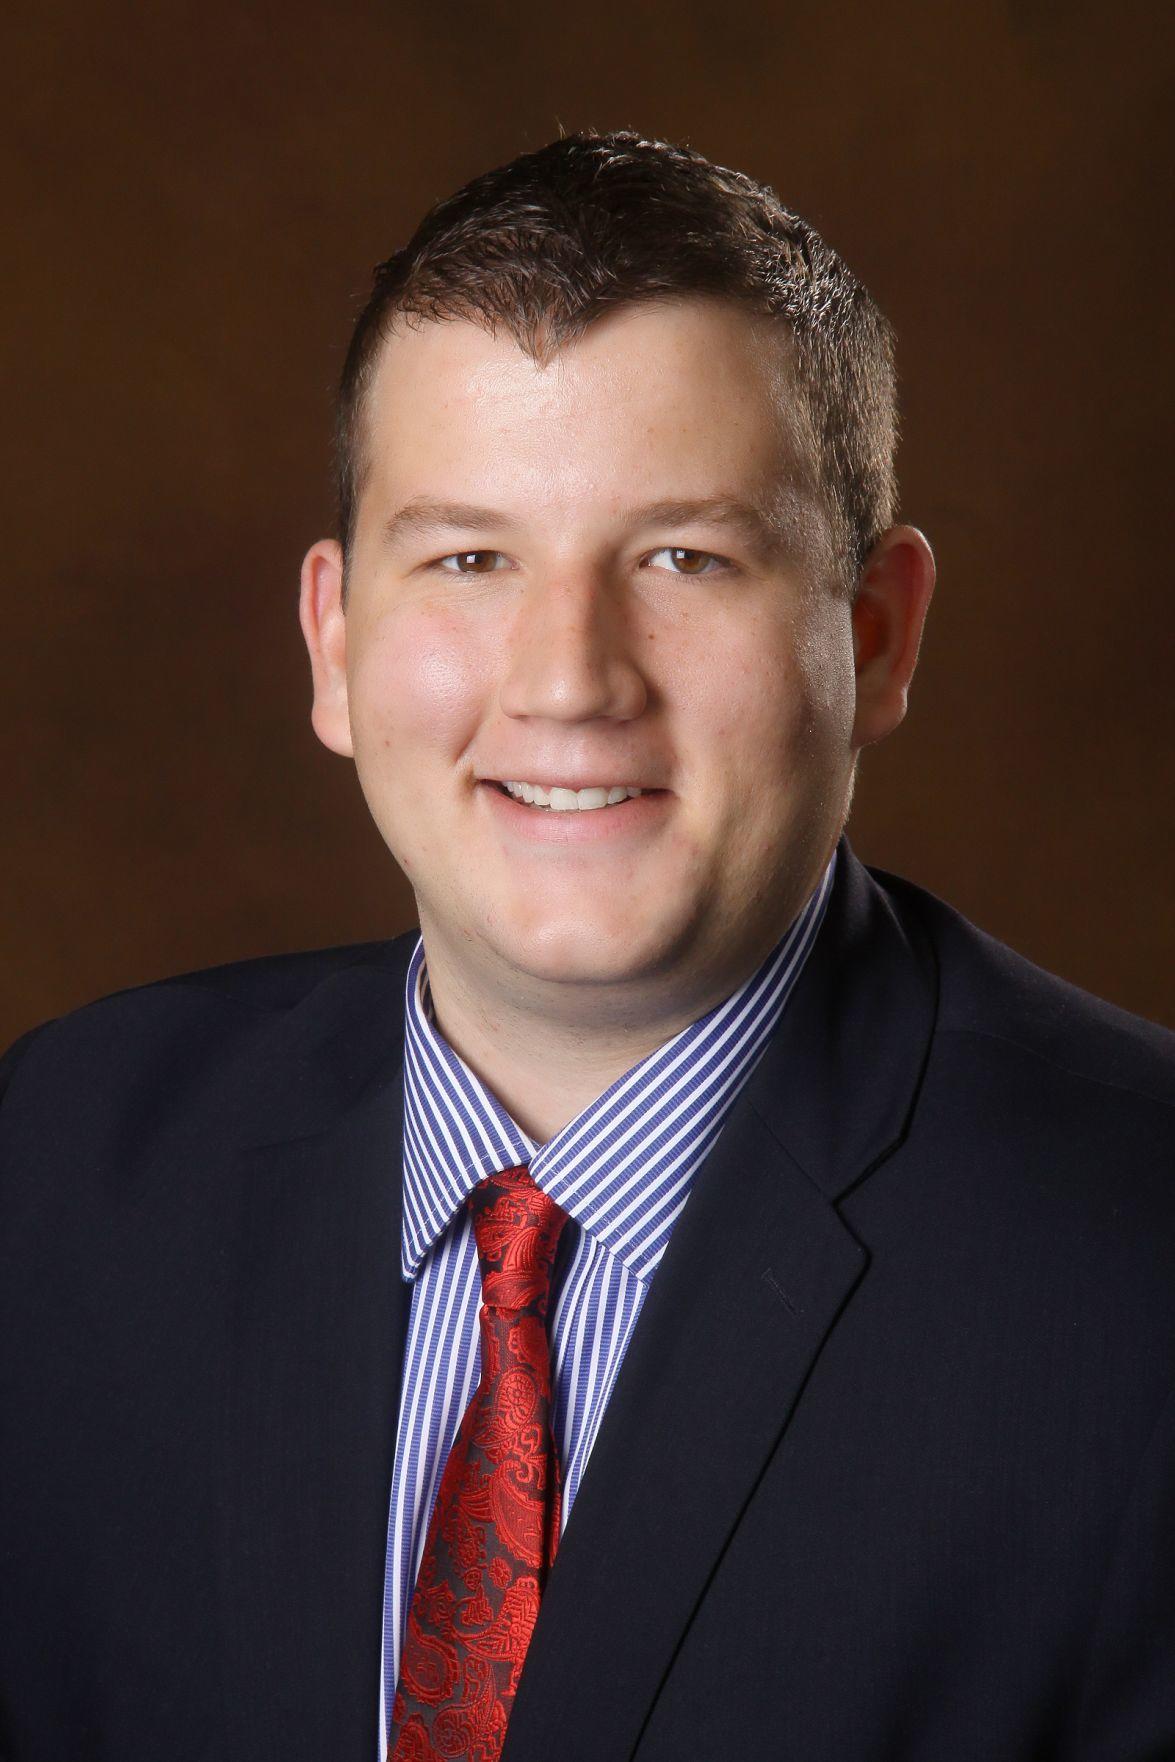 Austin Zimmerman